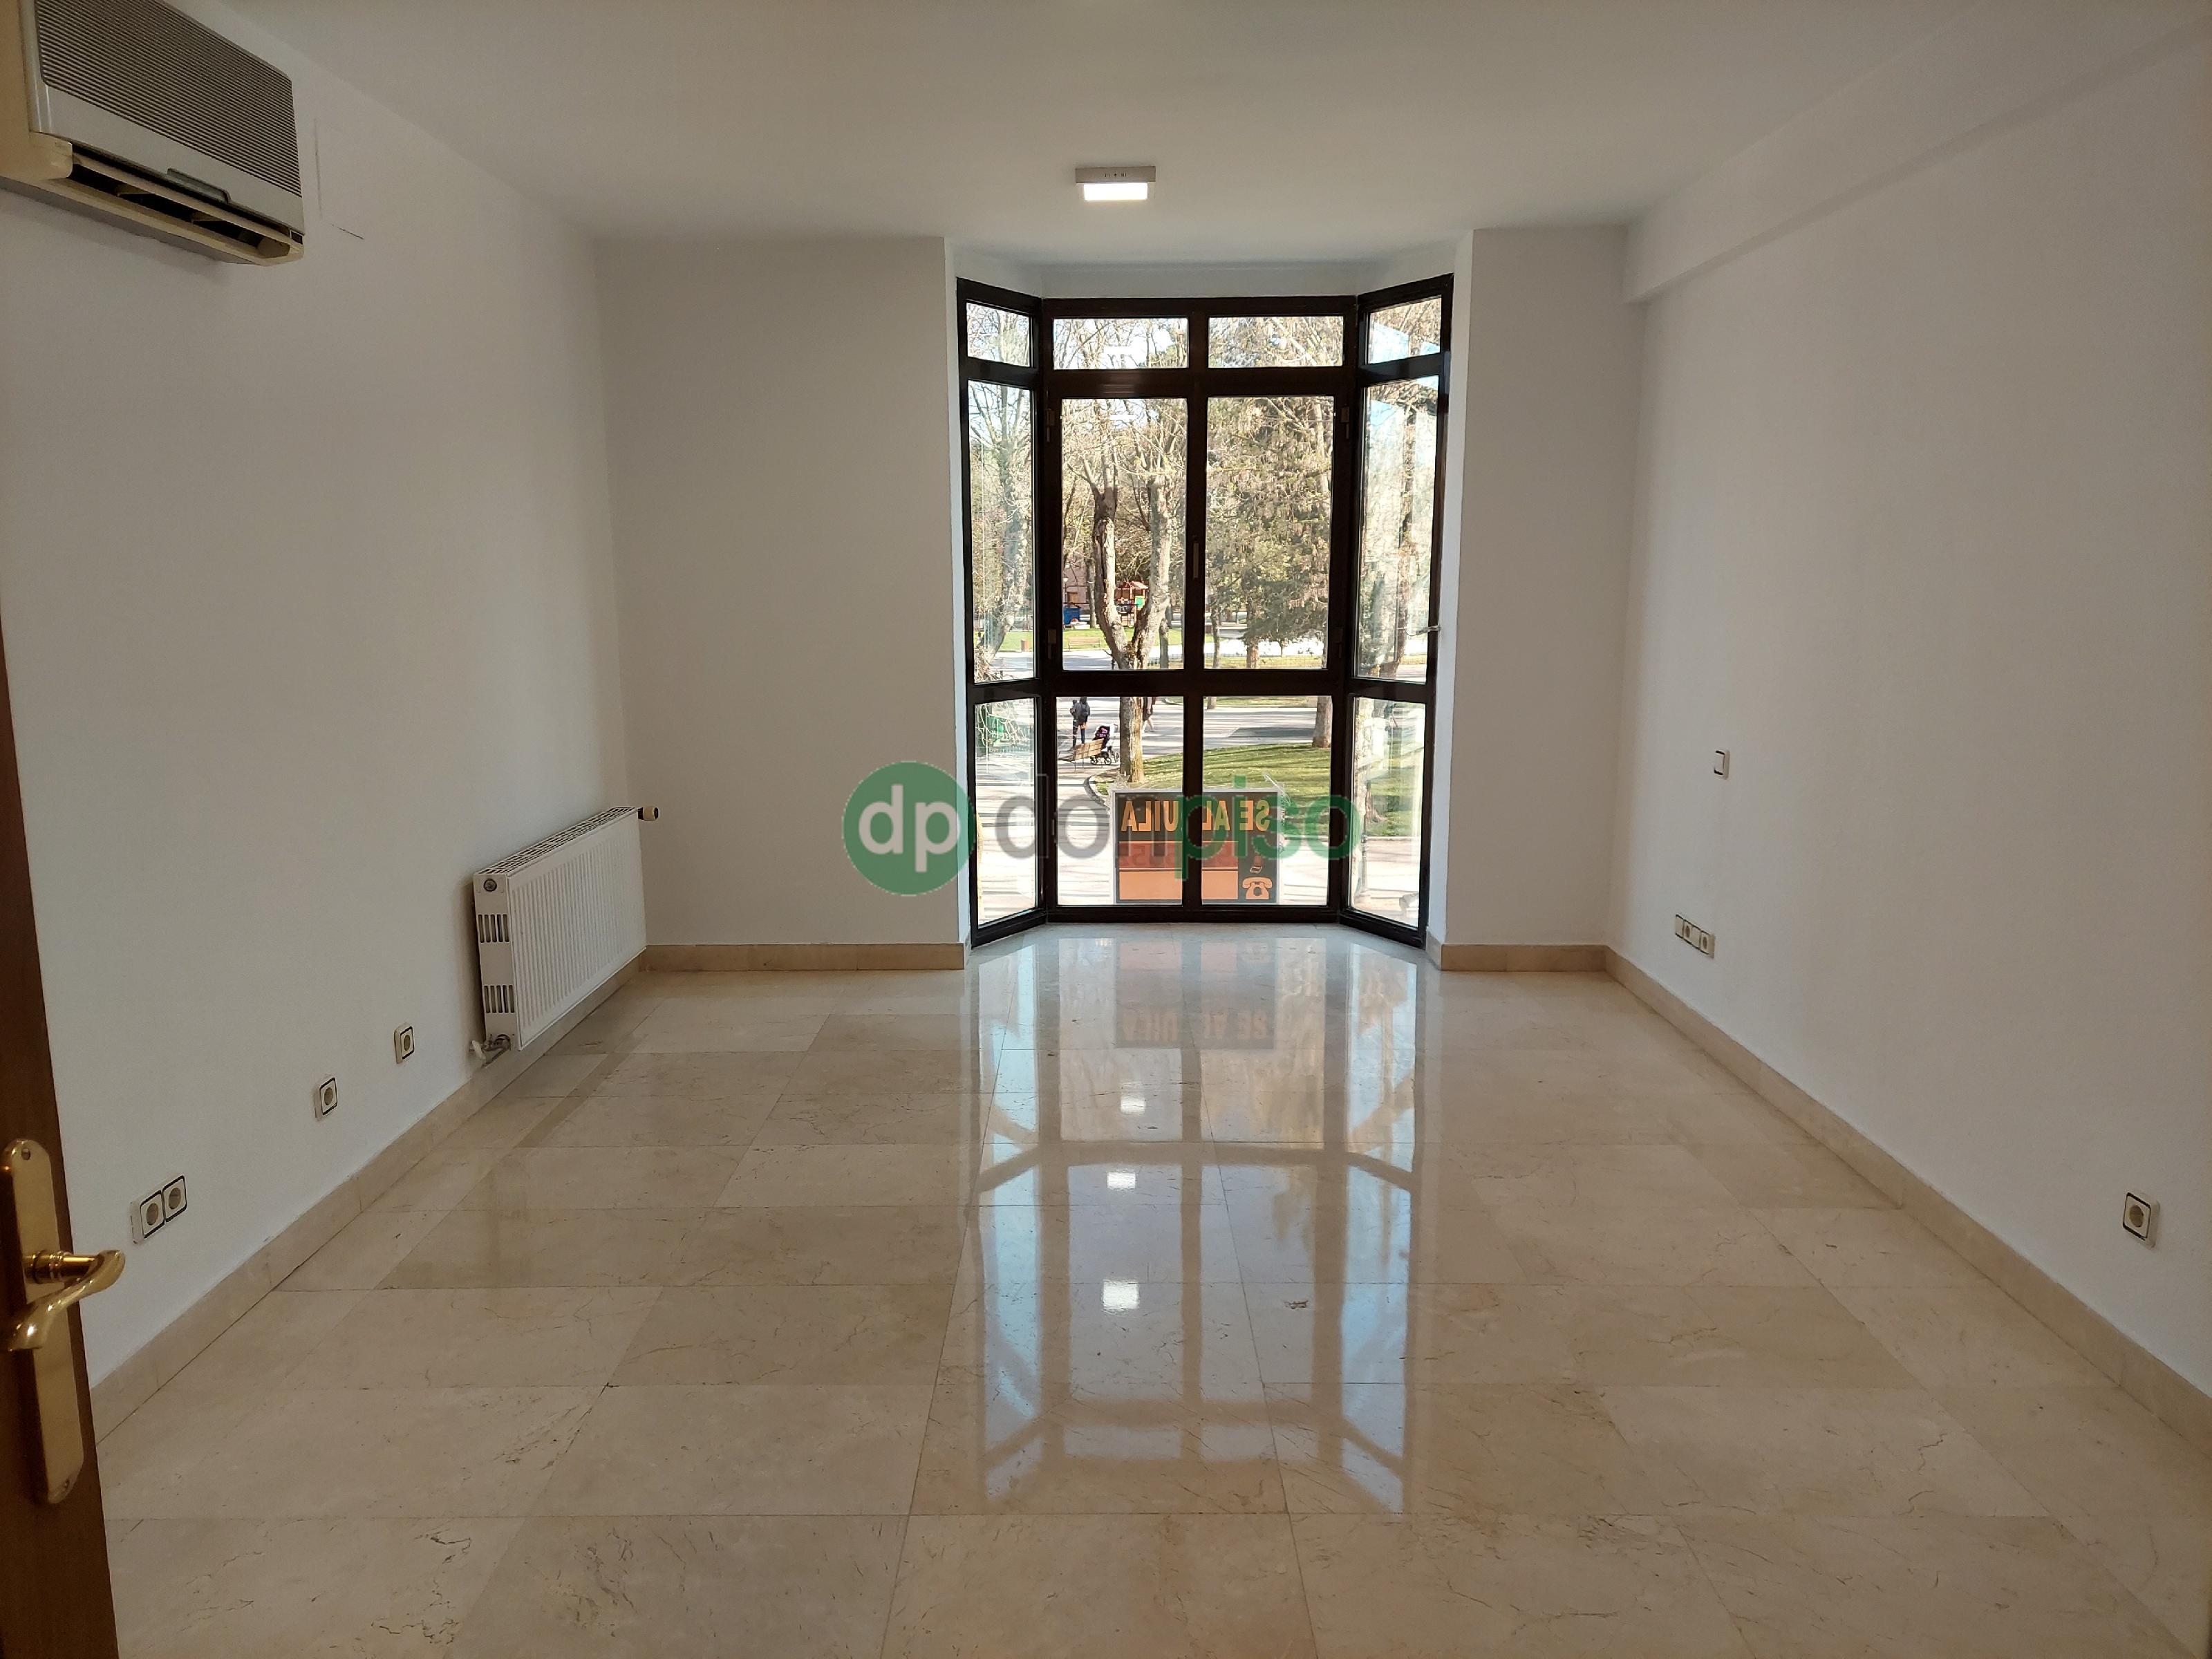 Imagen 4 Piso en alquiler en Guadalajara / Entre Santo Domingo y Bejanque